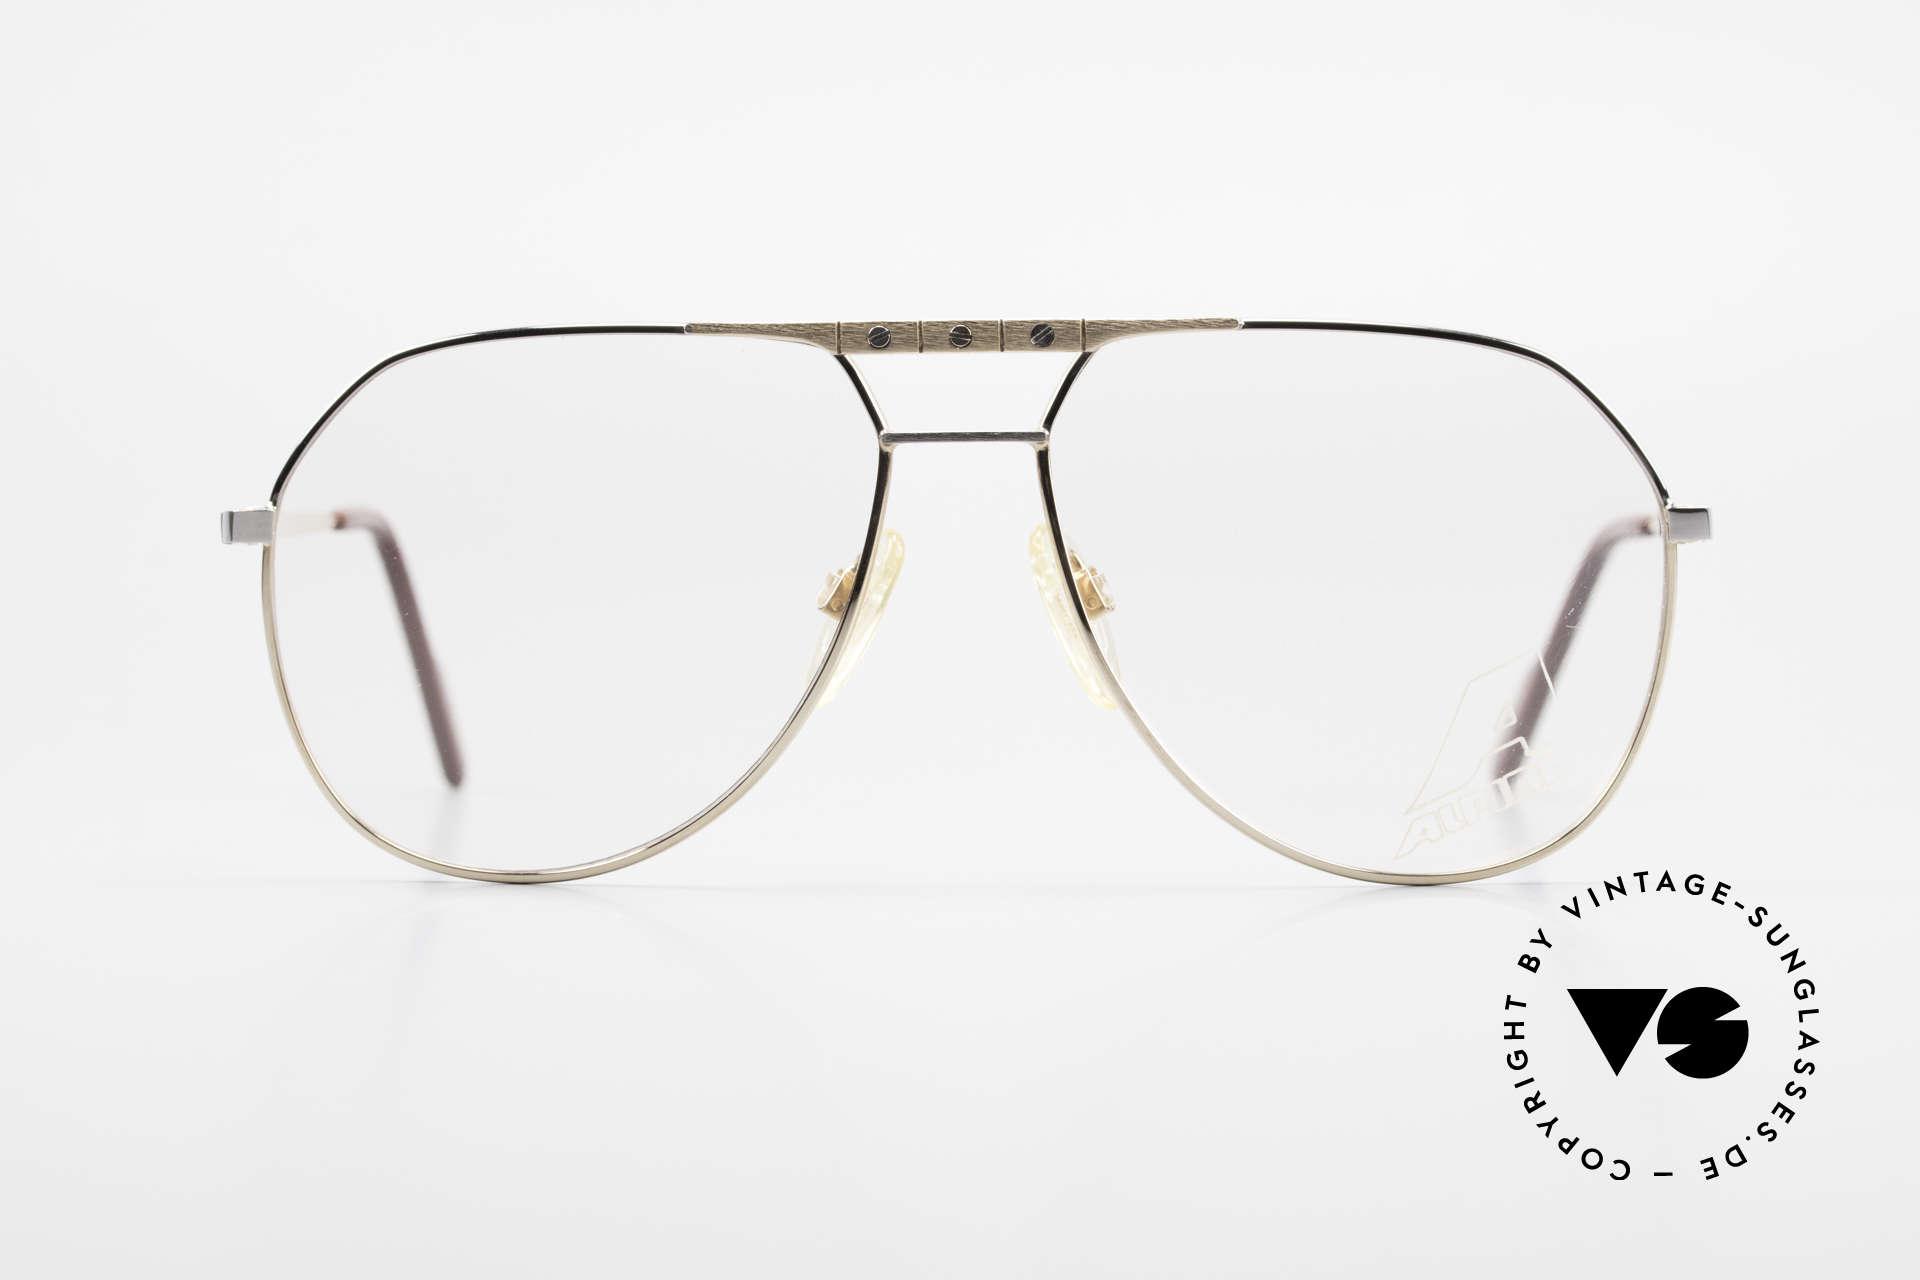 Alpina FM27 Alte Vintage Pilotenbrille 80er, enorm (fühlbar) hochwertig (made in W.Germany), Passend für Herren